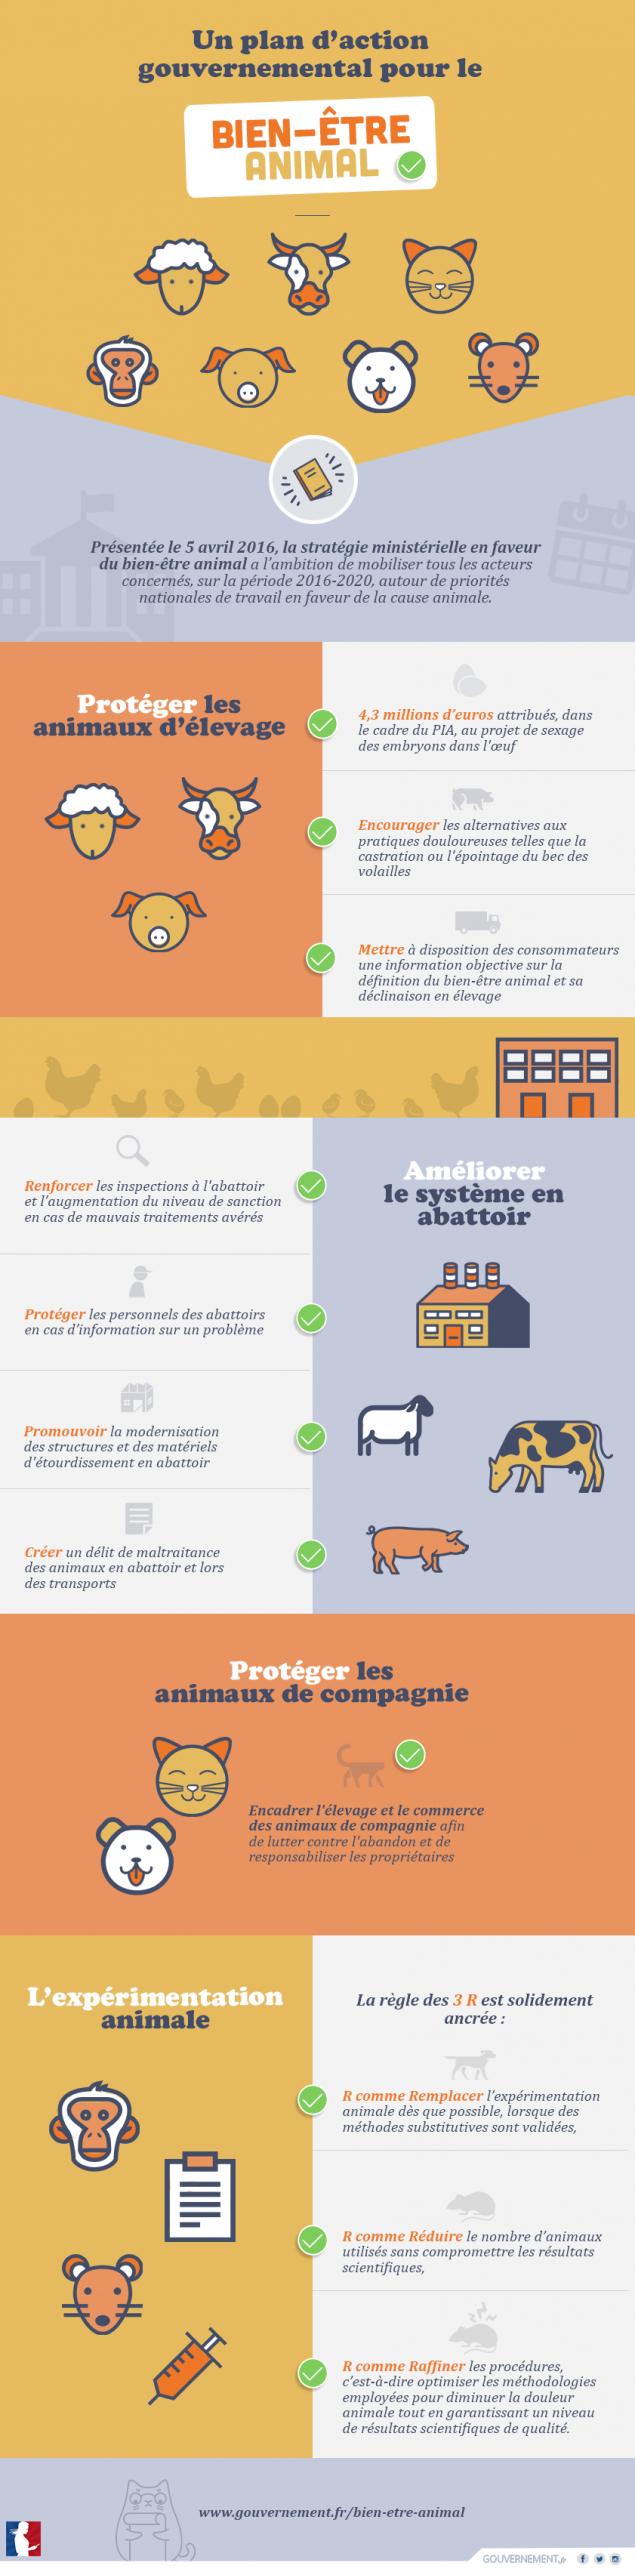 Un plan d'action gouvernemental pour le bien-être animal